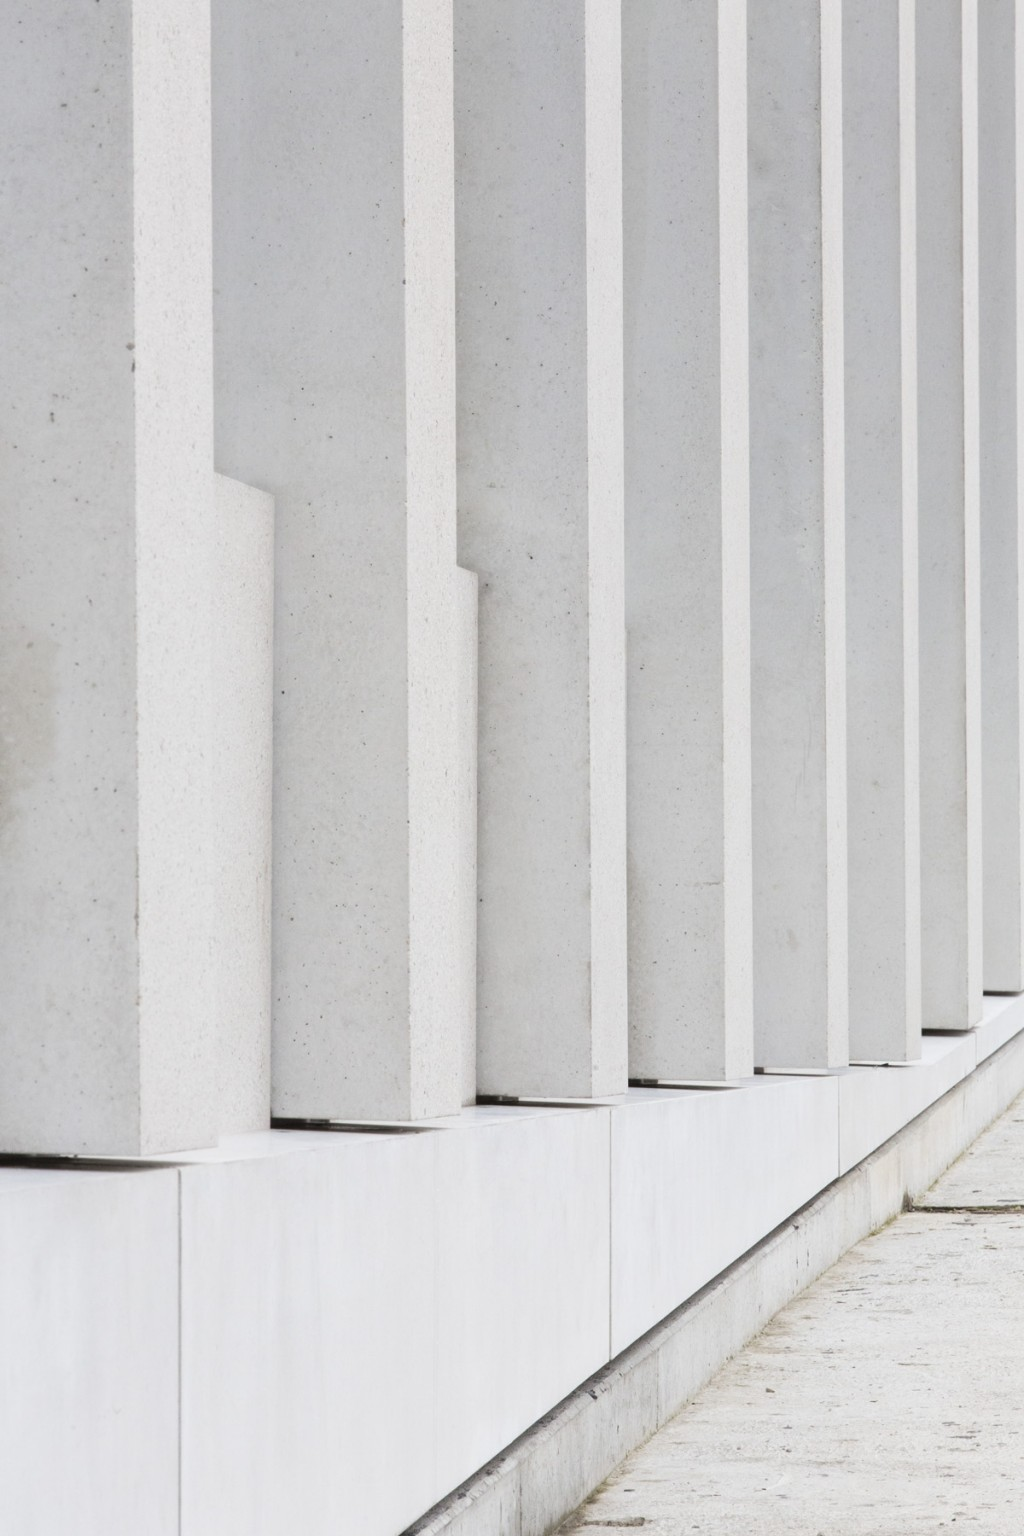 ocap-arch zila architekten bauprozess gericht nürnberg